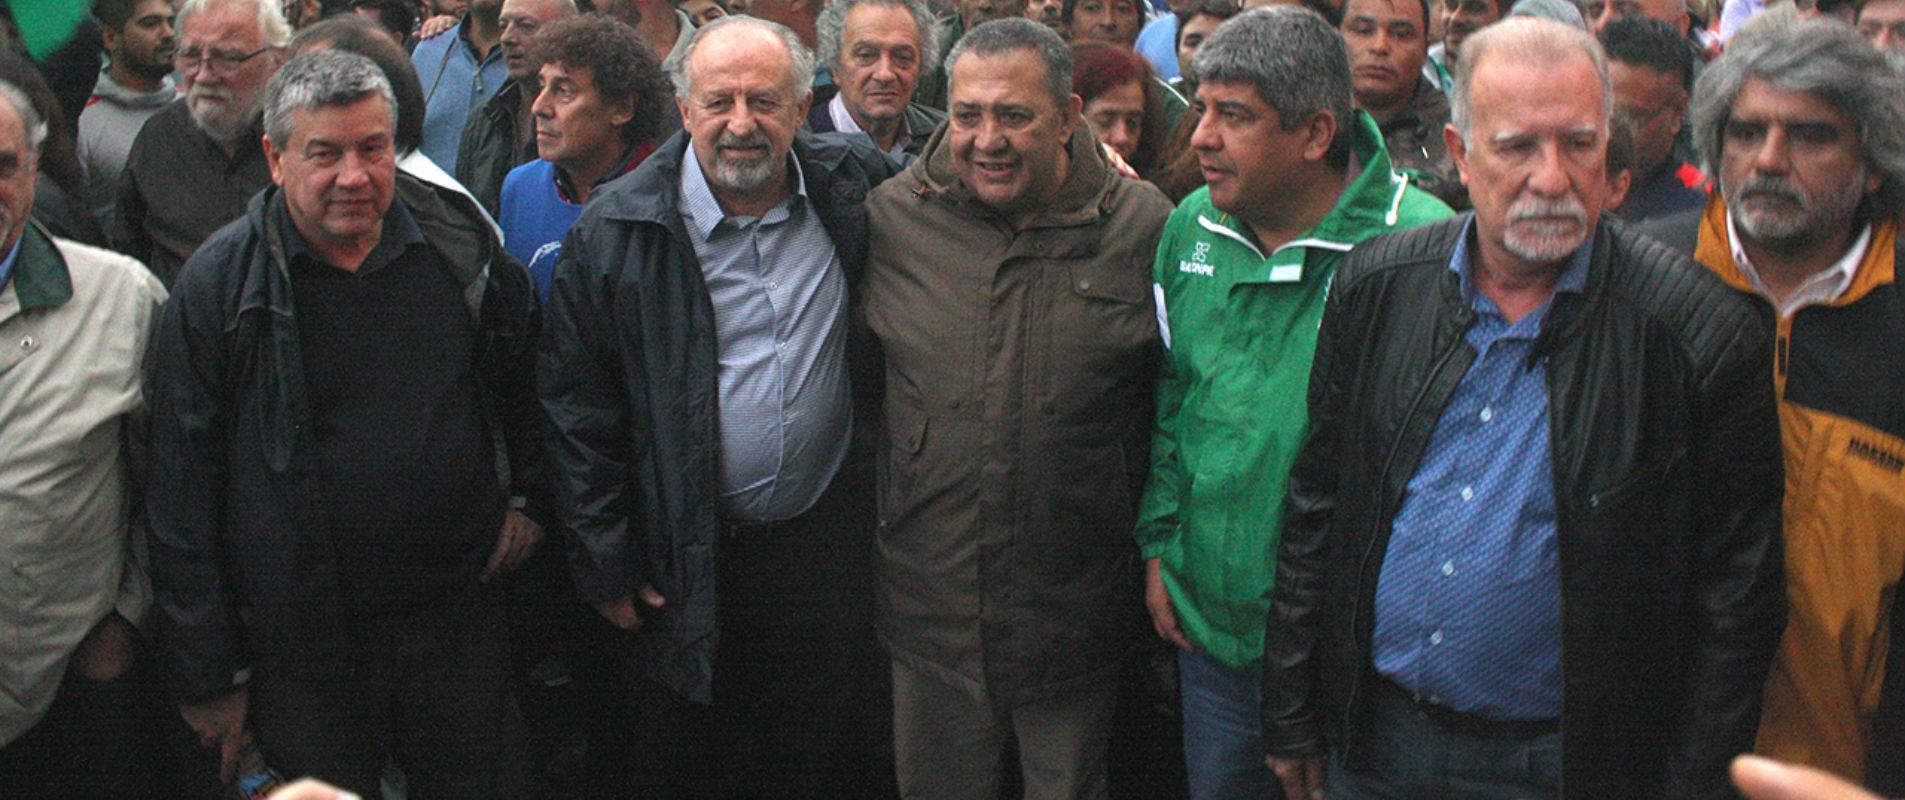 Marcha en unidad por Lula